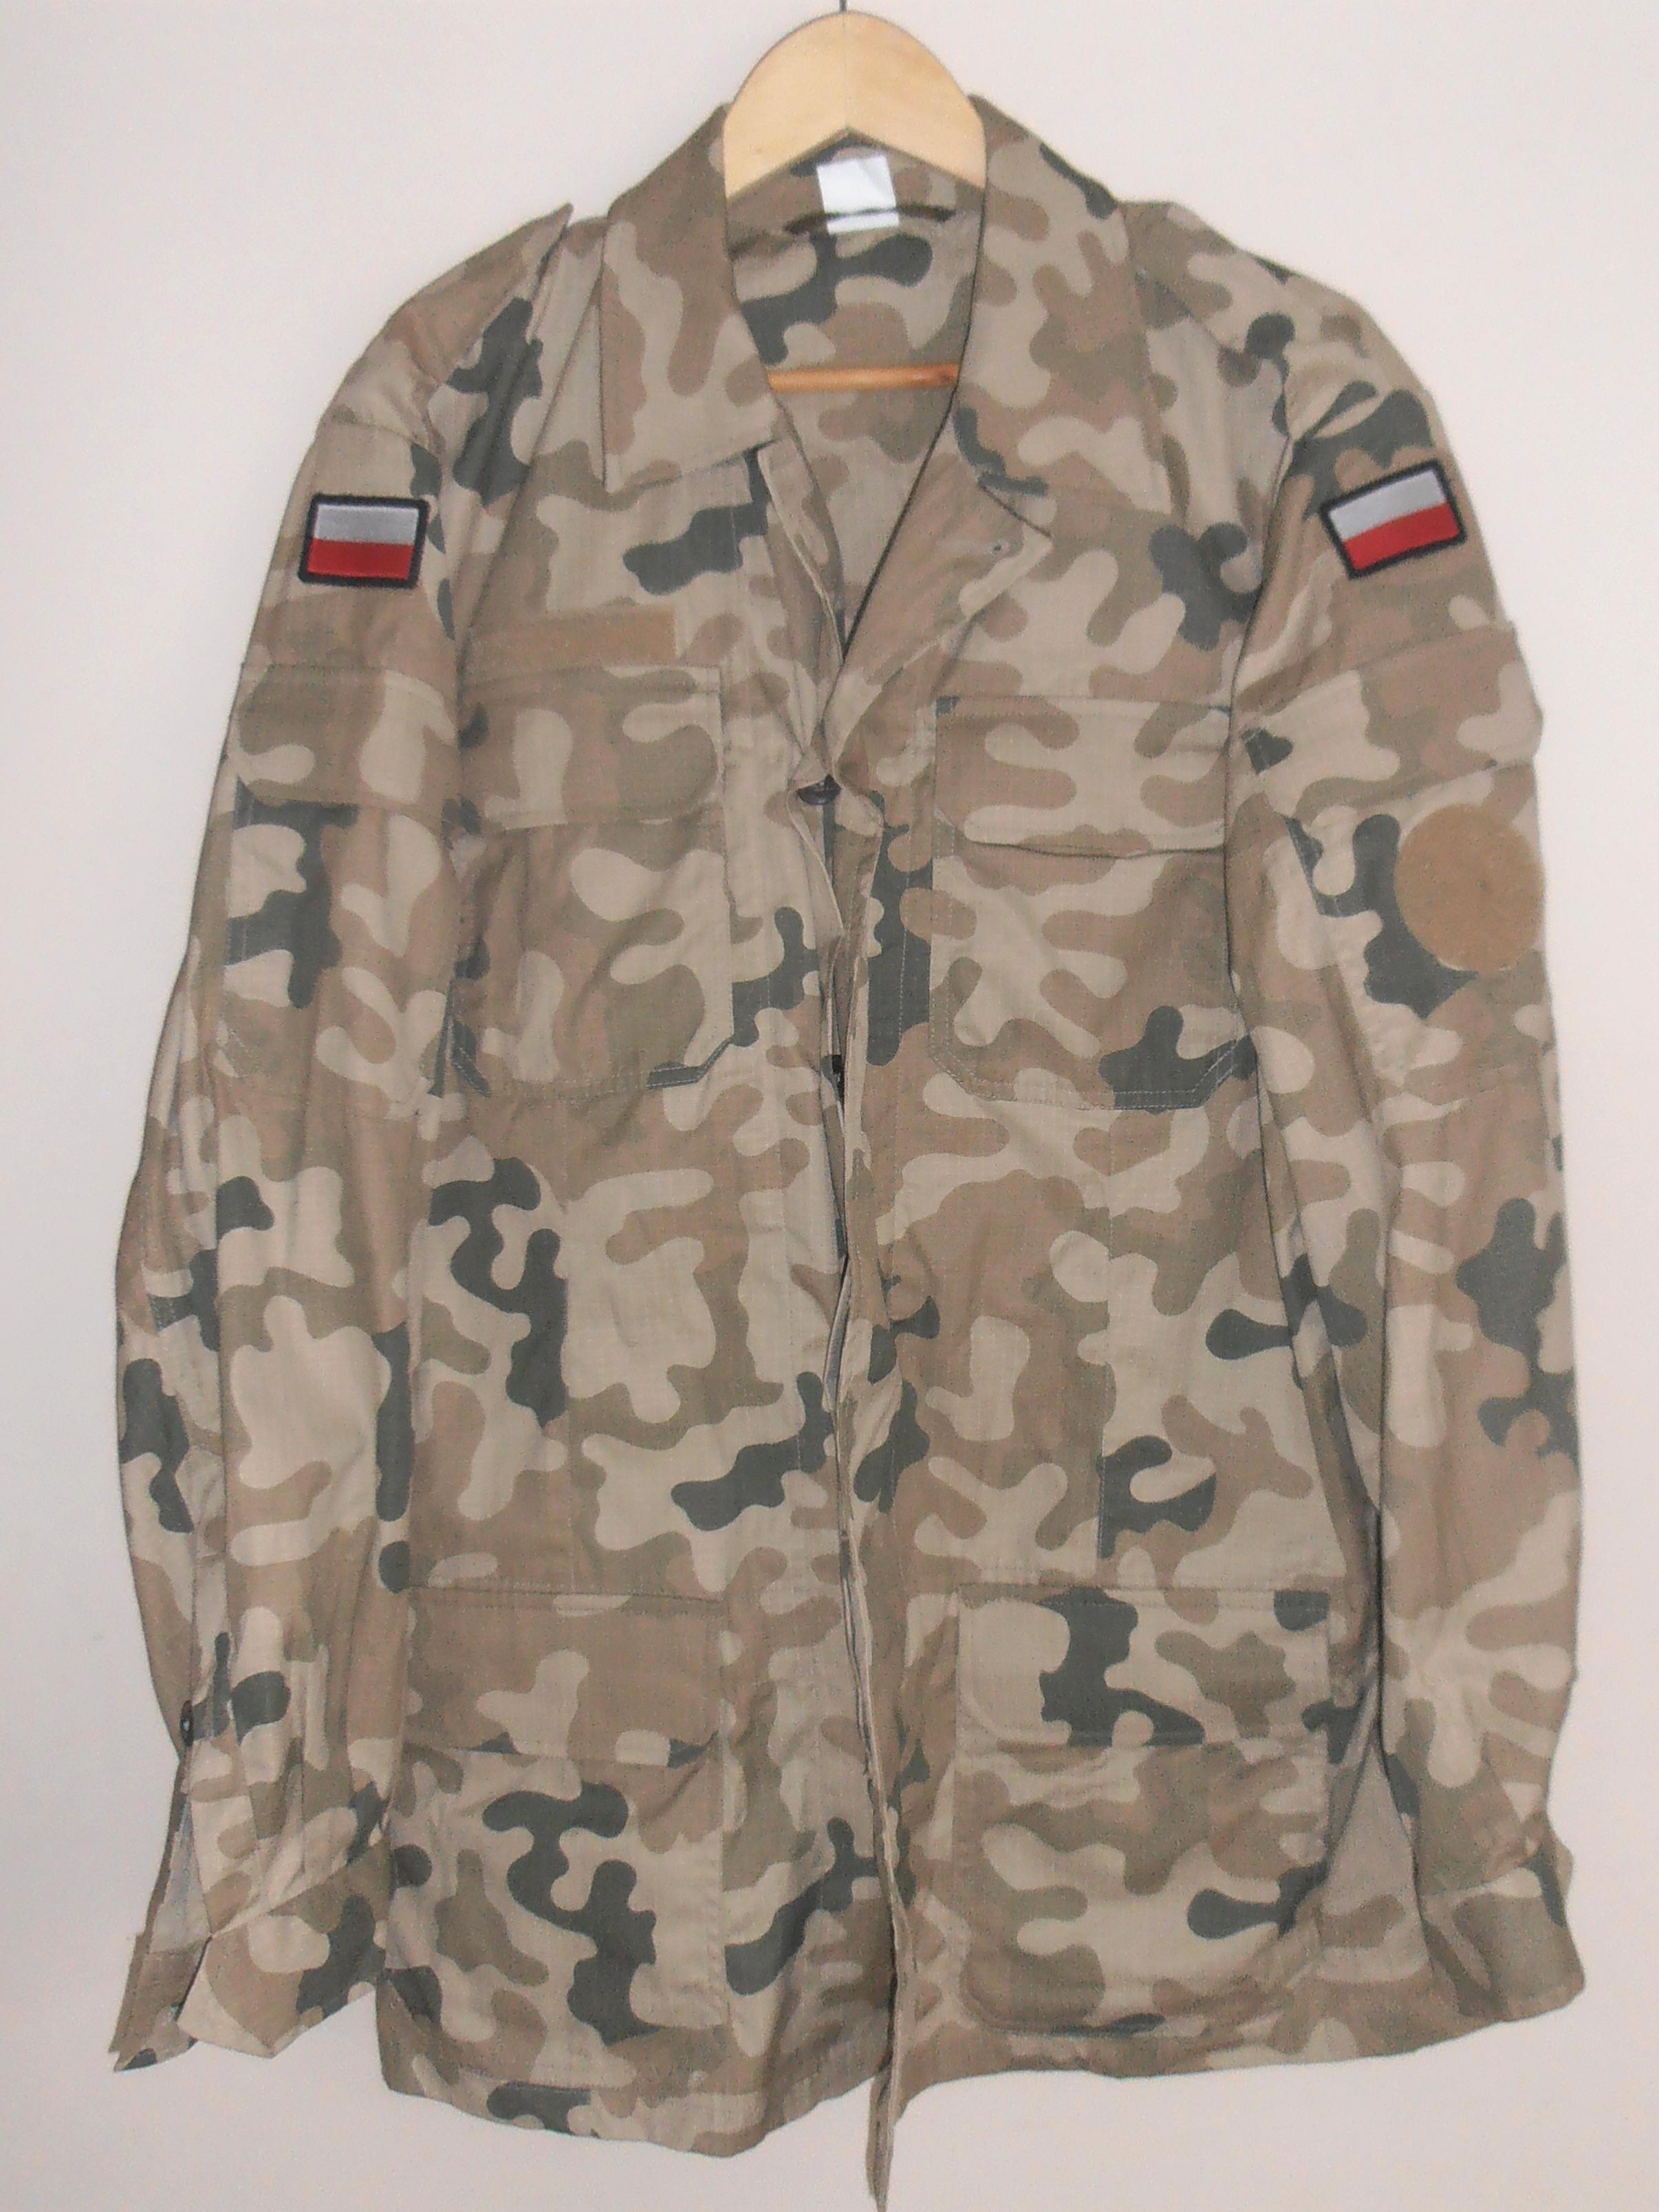 Polish clothing store